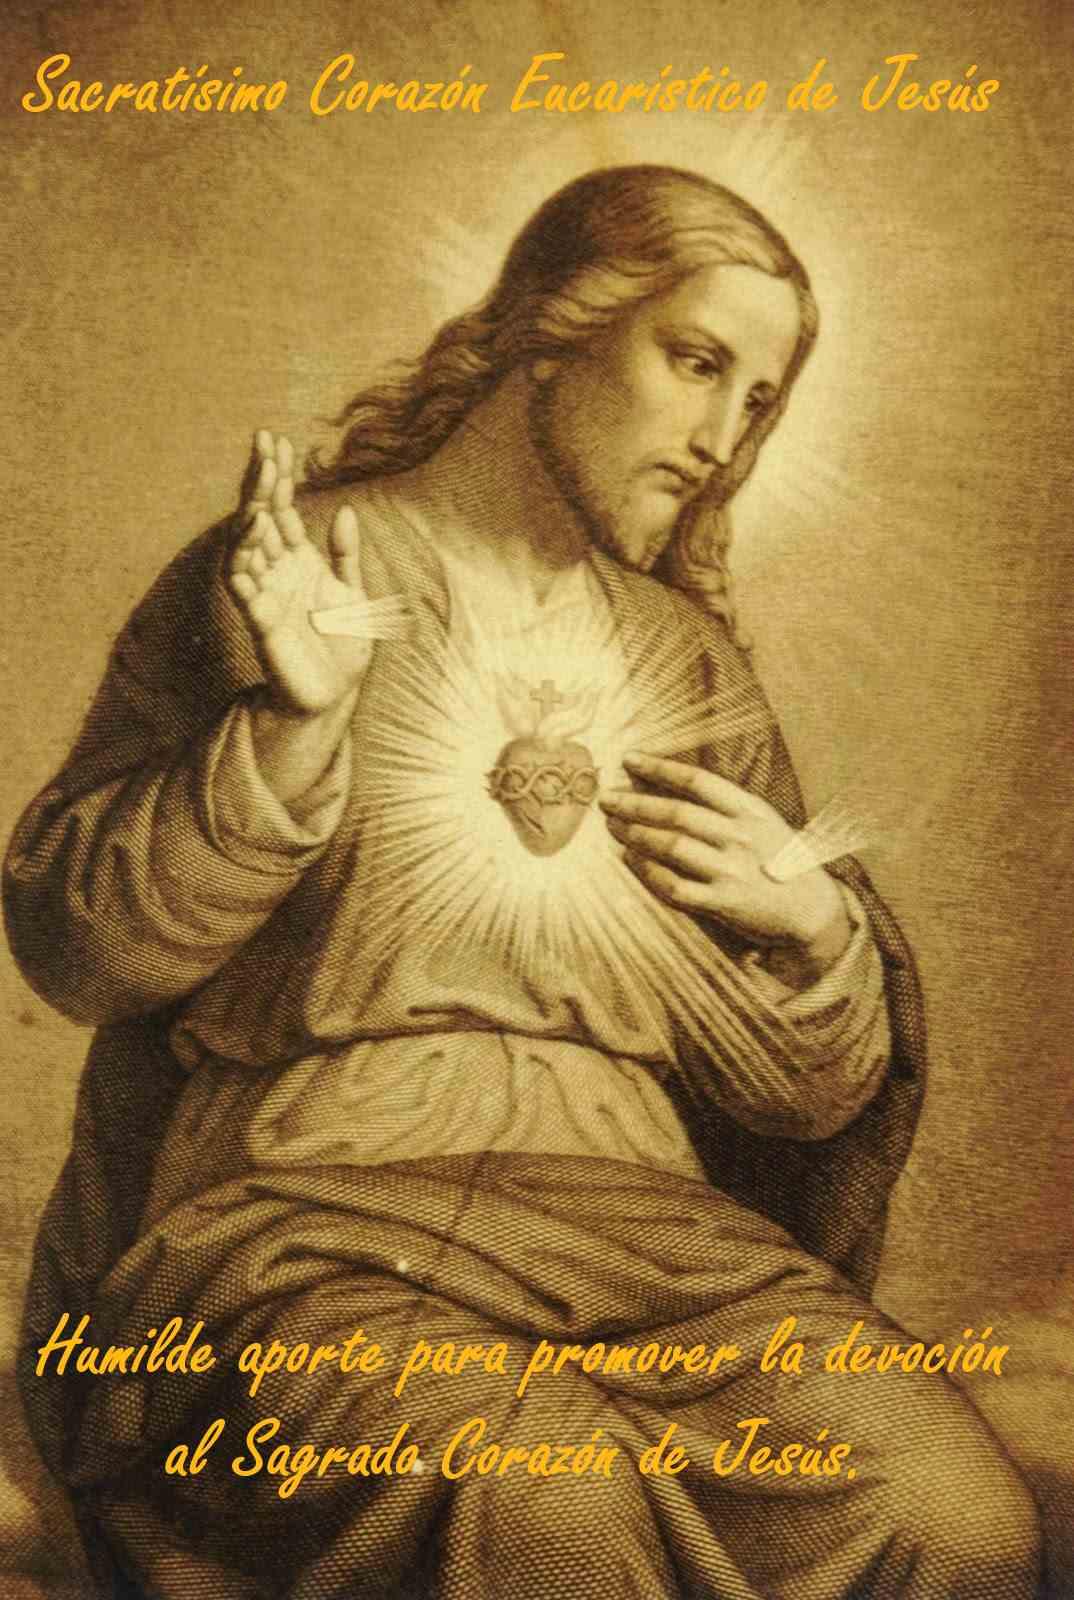 Sacratísimo Corazón Eucarístico de Jesús